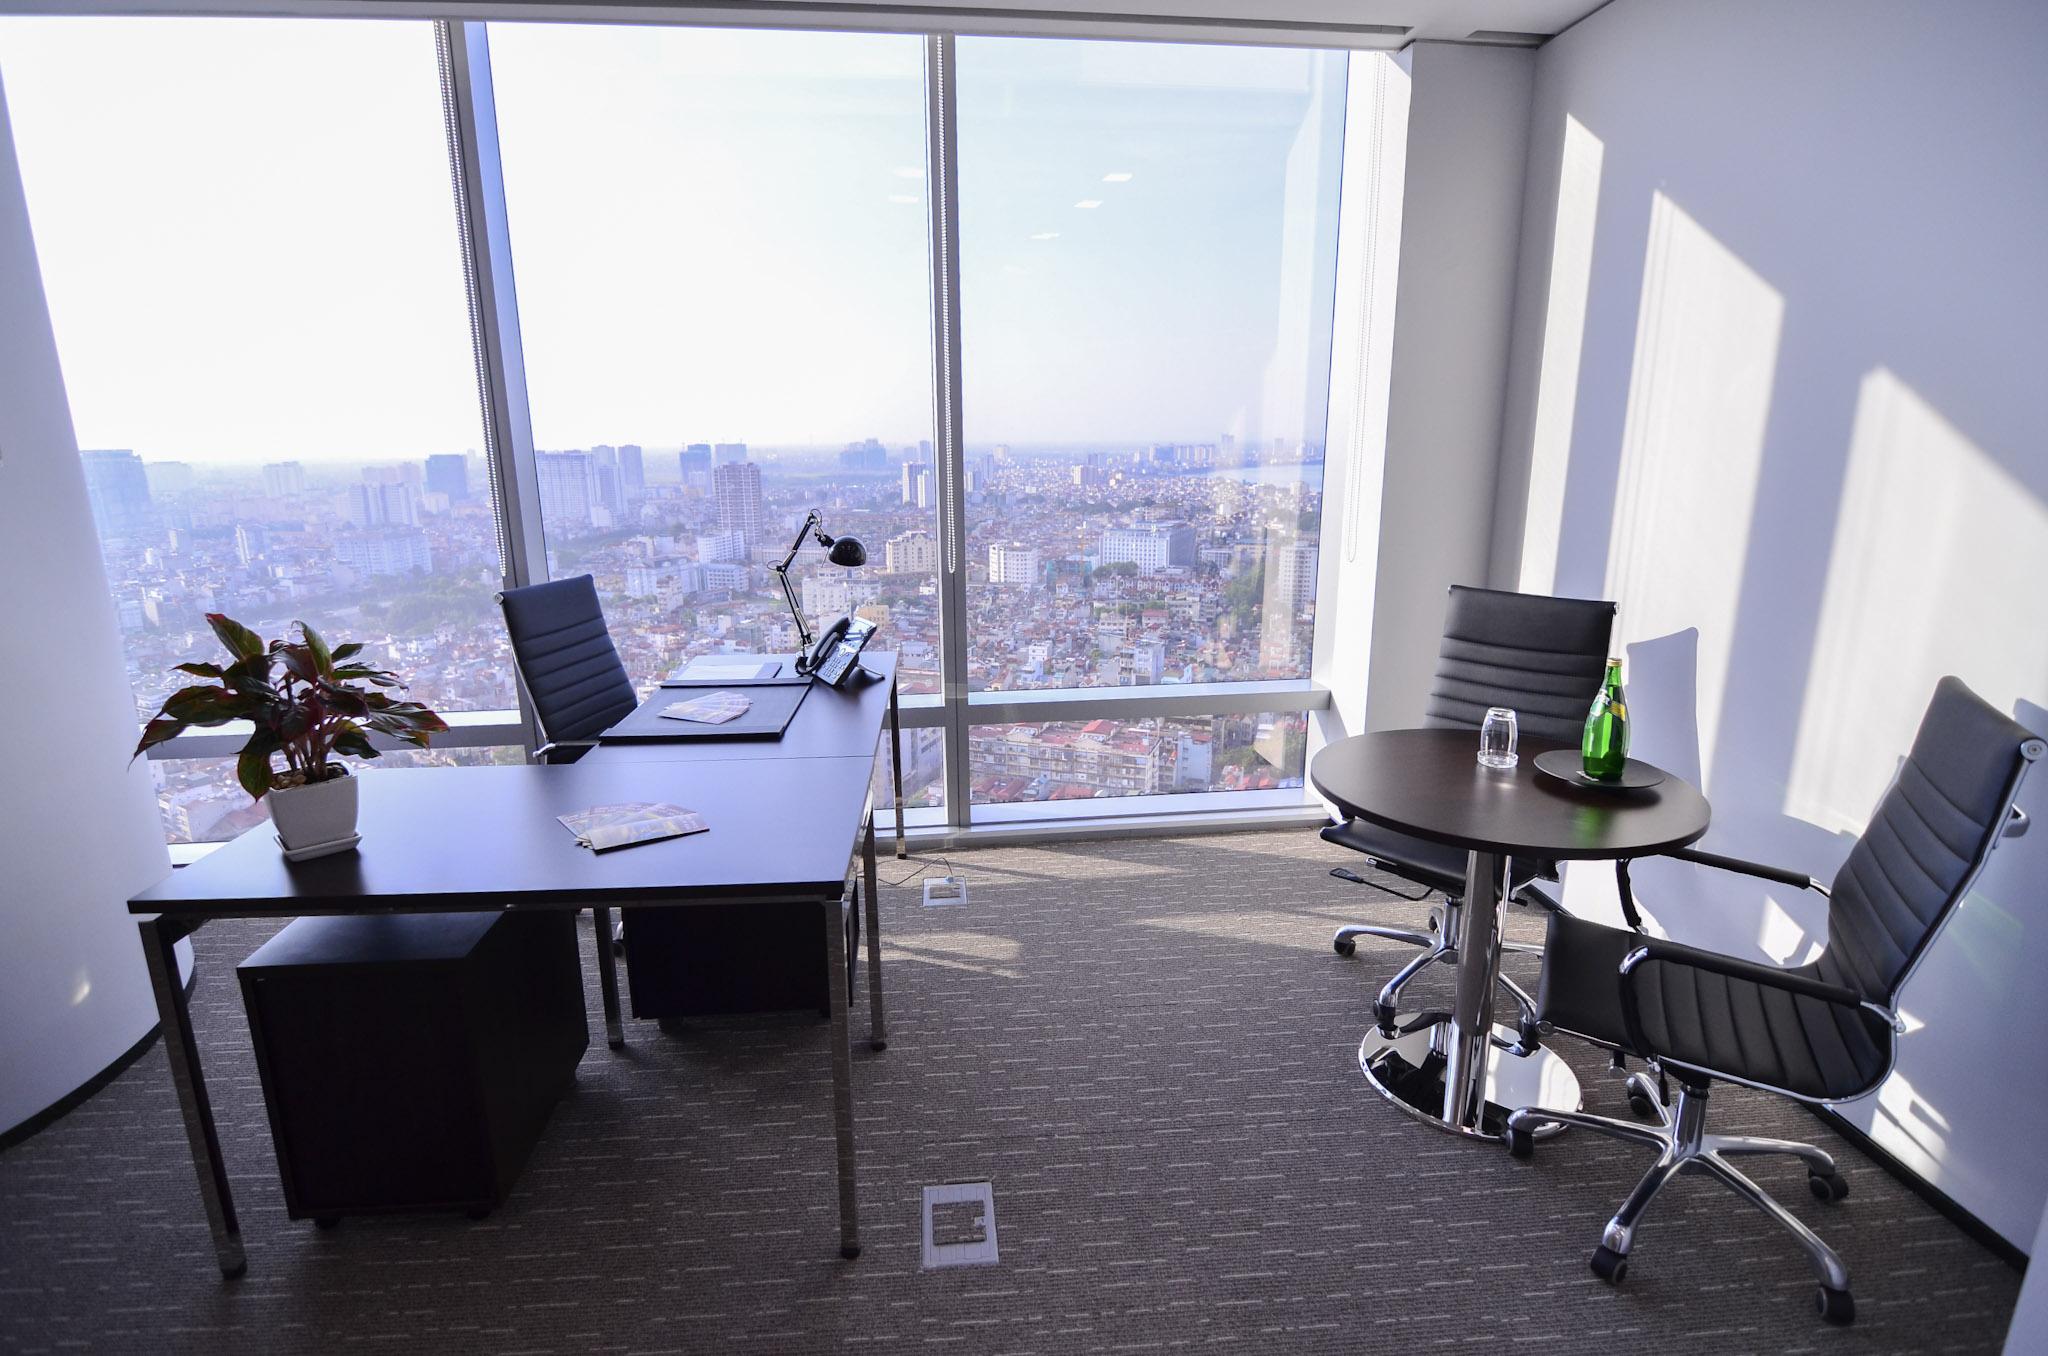 Văn phòng ảo mang nhiều tiện ích cho doanh nghiệp Start Up